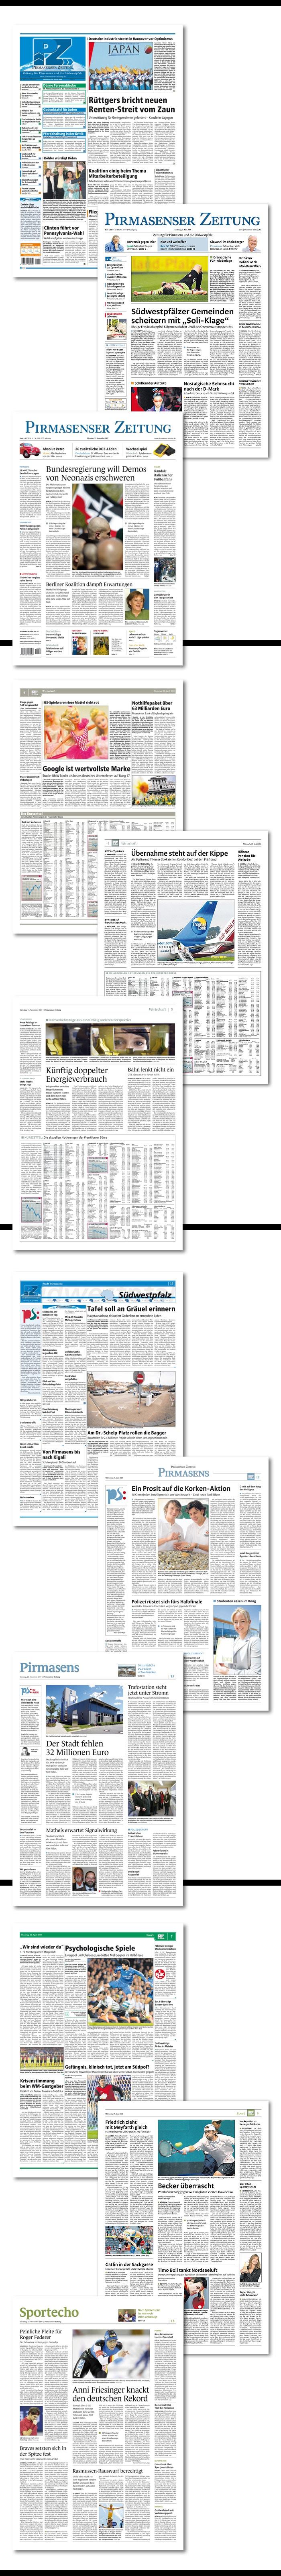 Pirmasenser Zeitung Relaunch